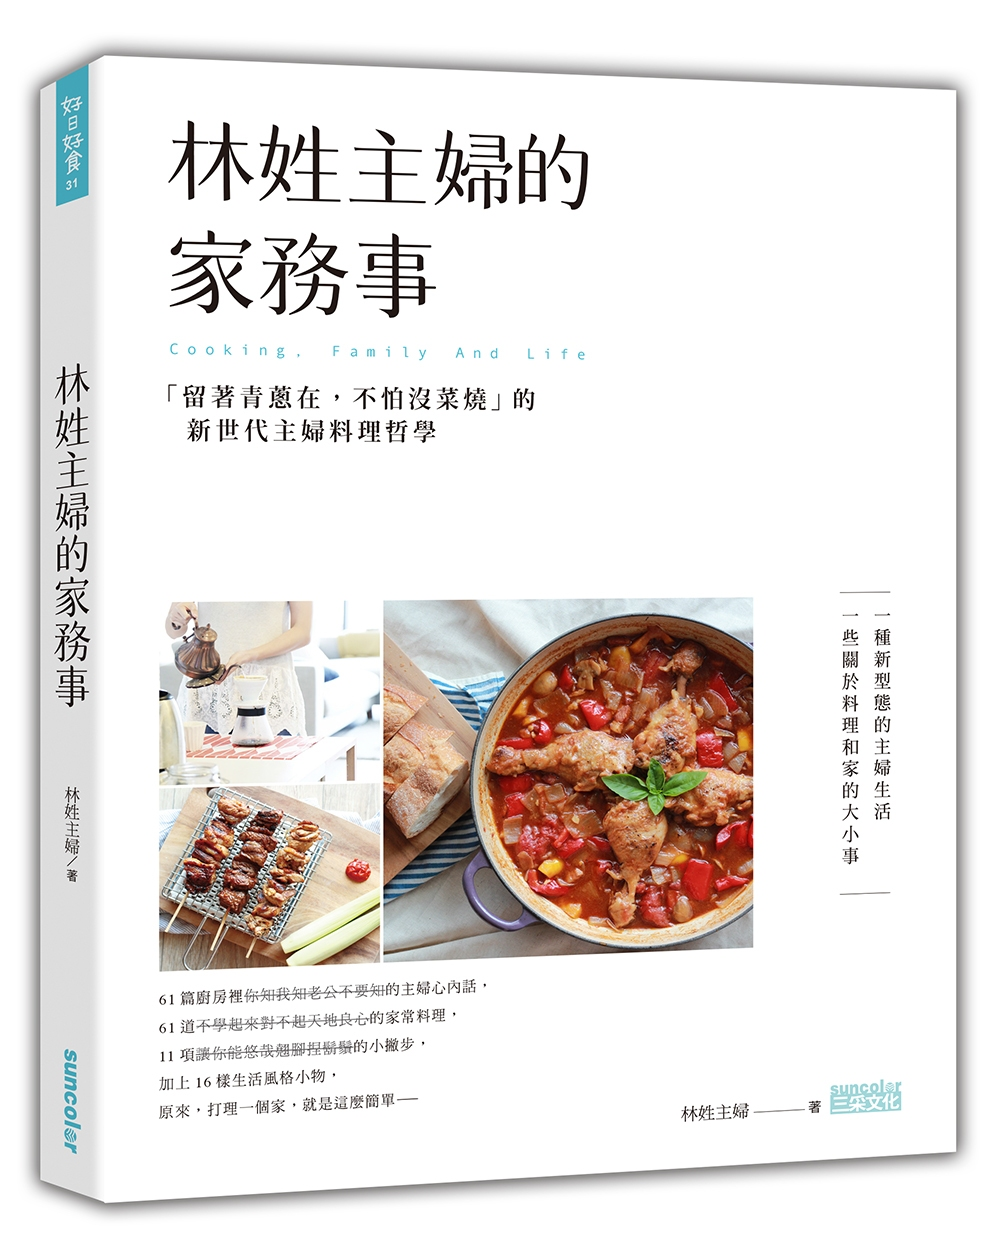 林姓主婦的家務事:「留著青蔥在,不怕沒菜燒」的新世代主婦料理哲學